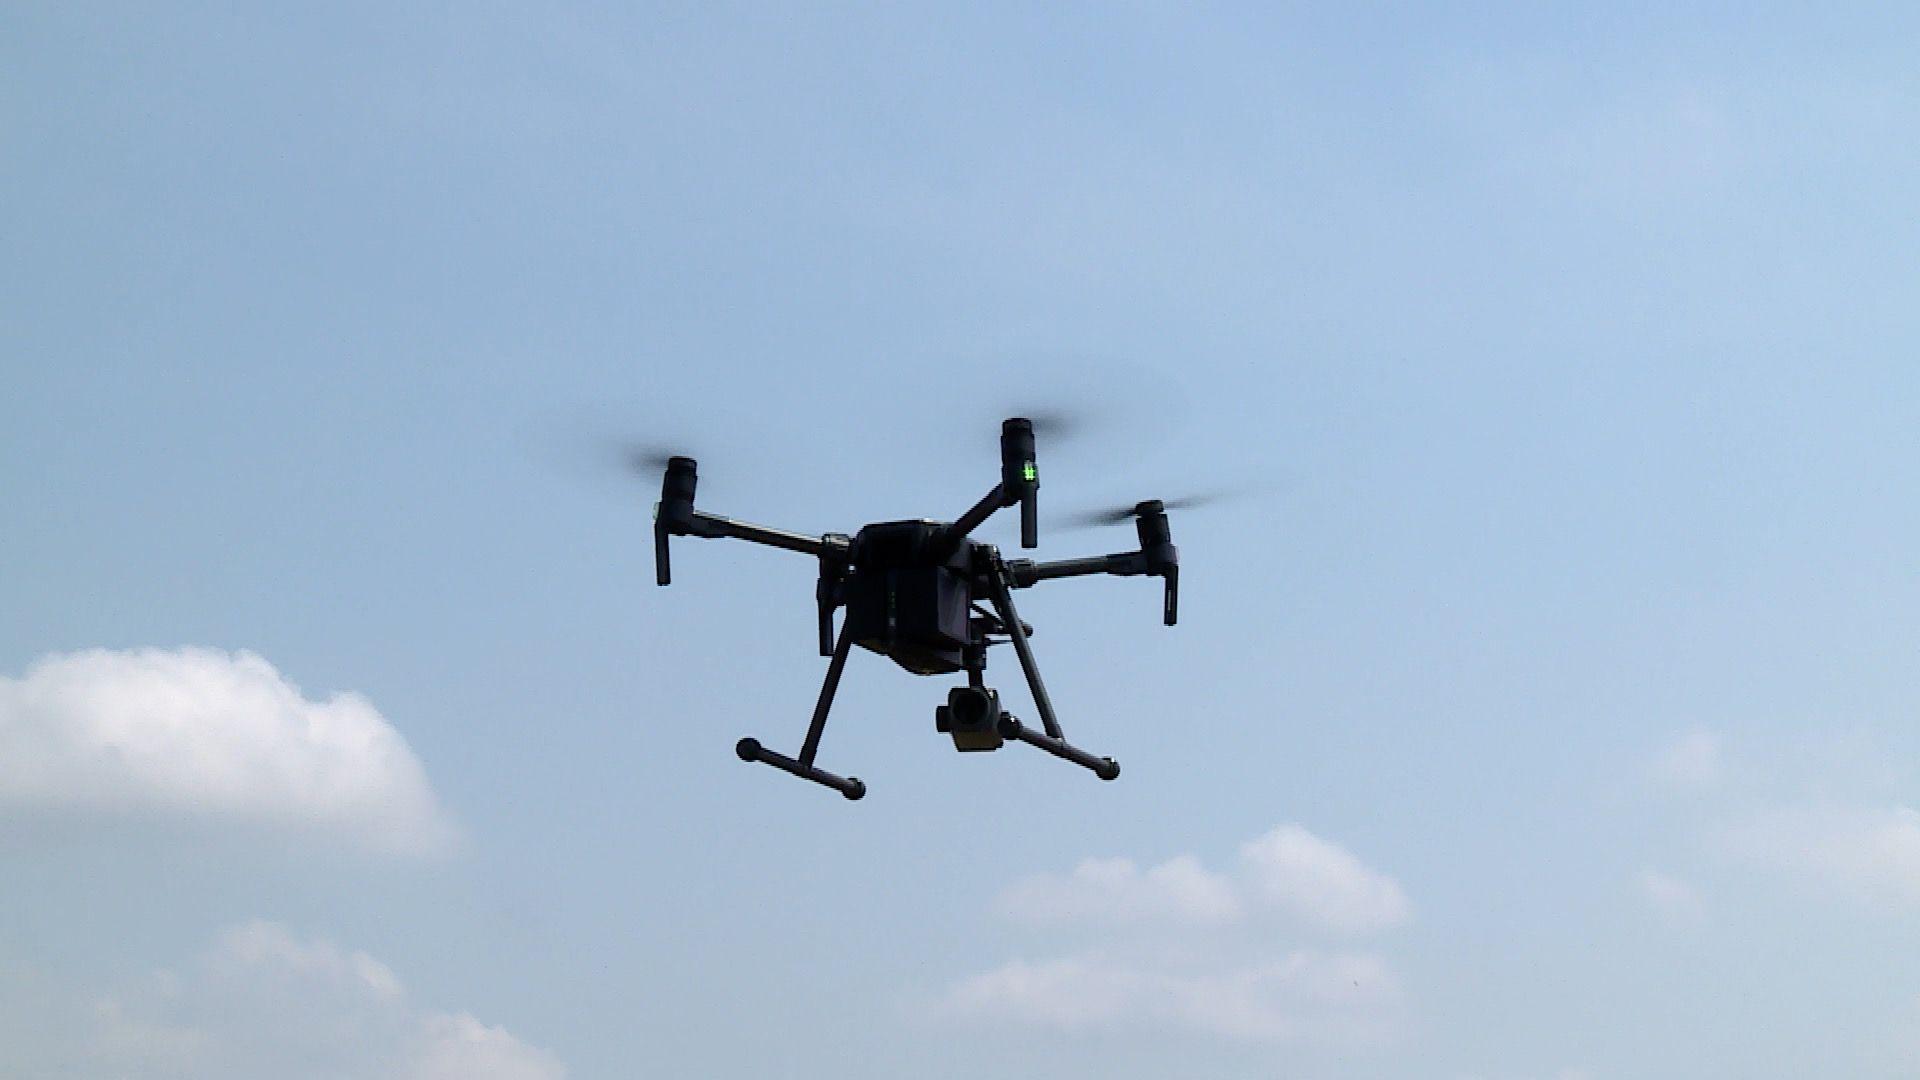 Nowy funkcjonariusz latał nad miastem (WIDEO)